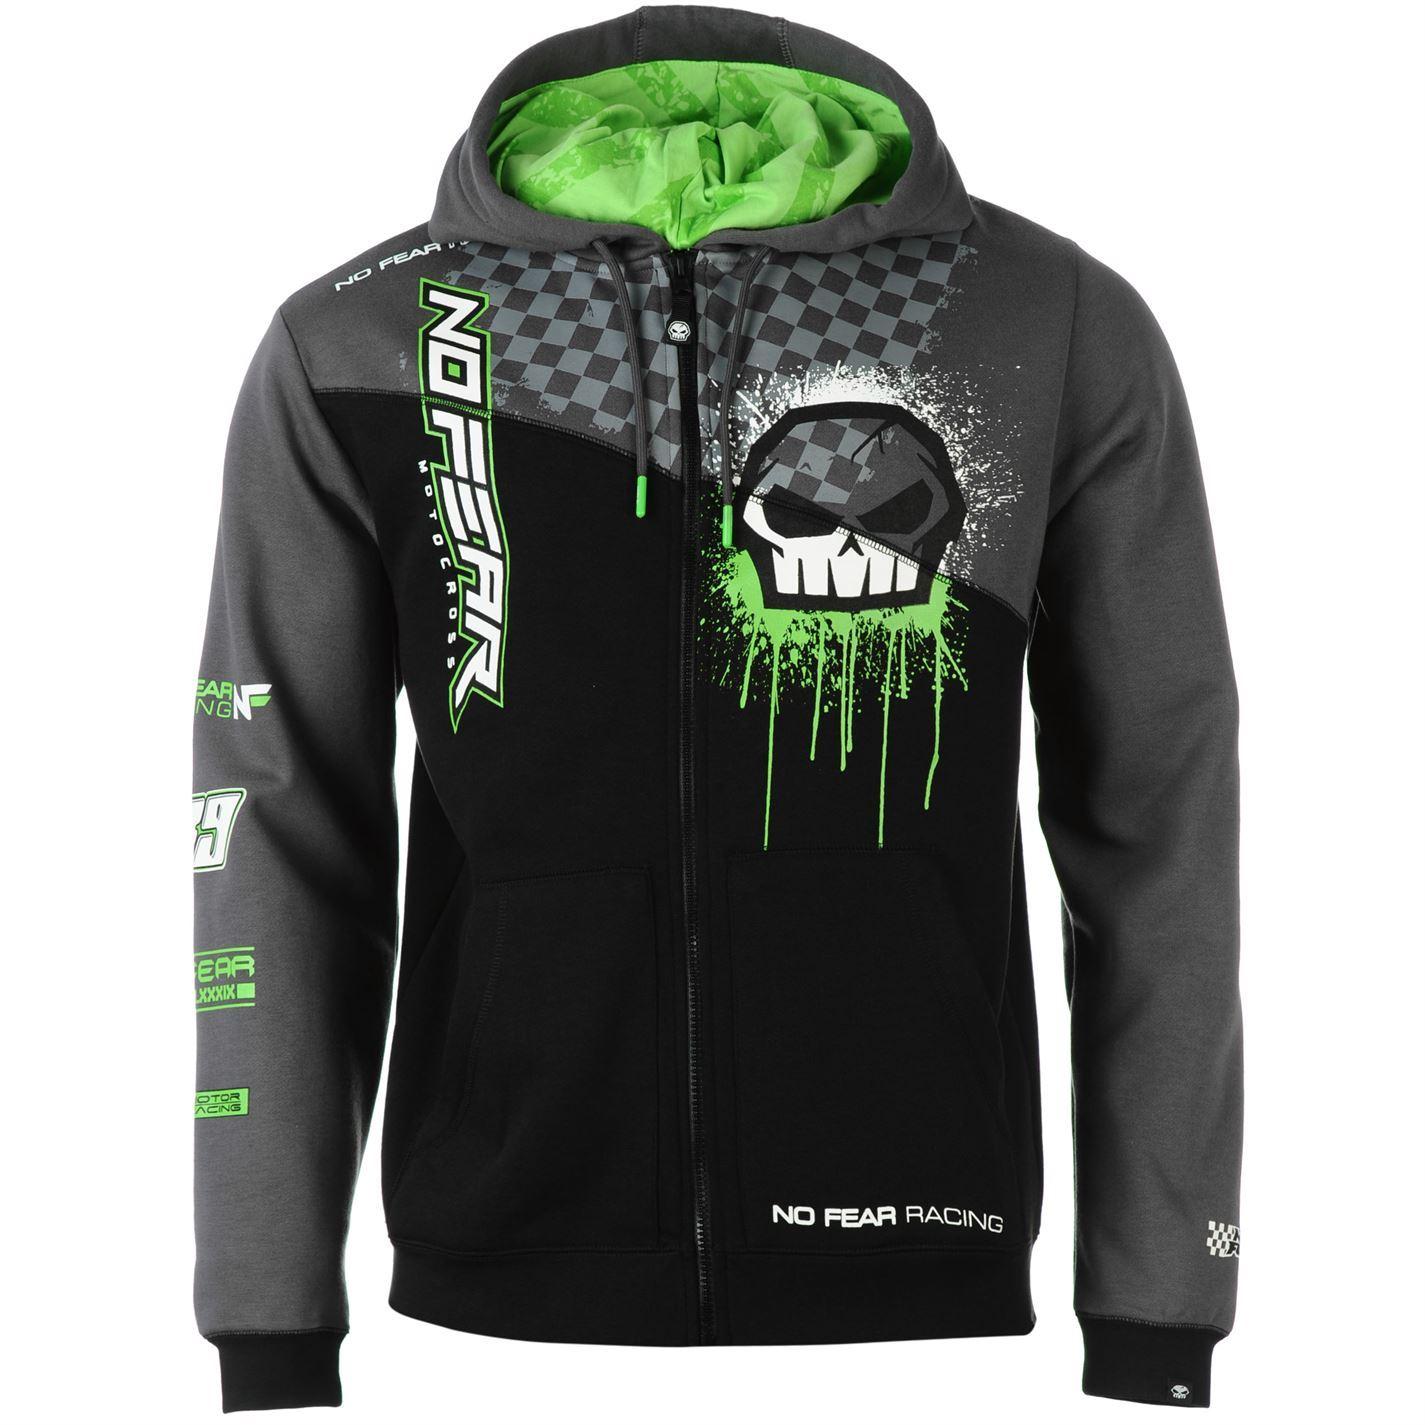 No Fear Hoody Hoodie Sweatshirt Top Mens Gents | eBay